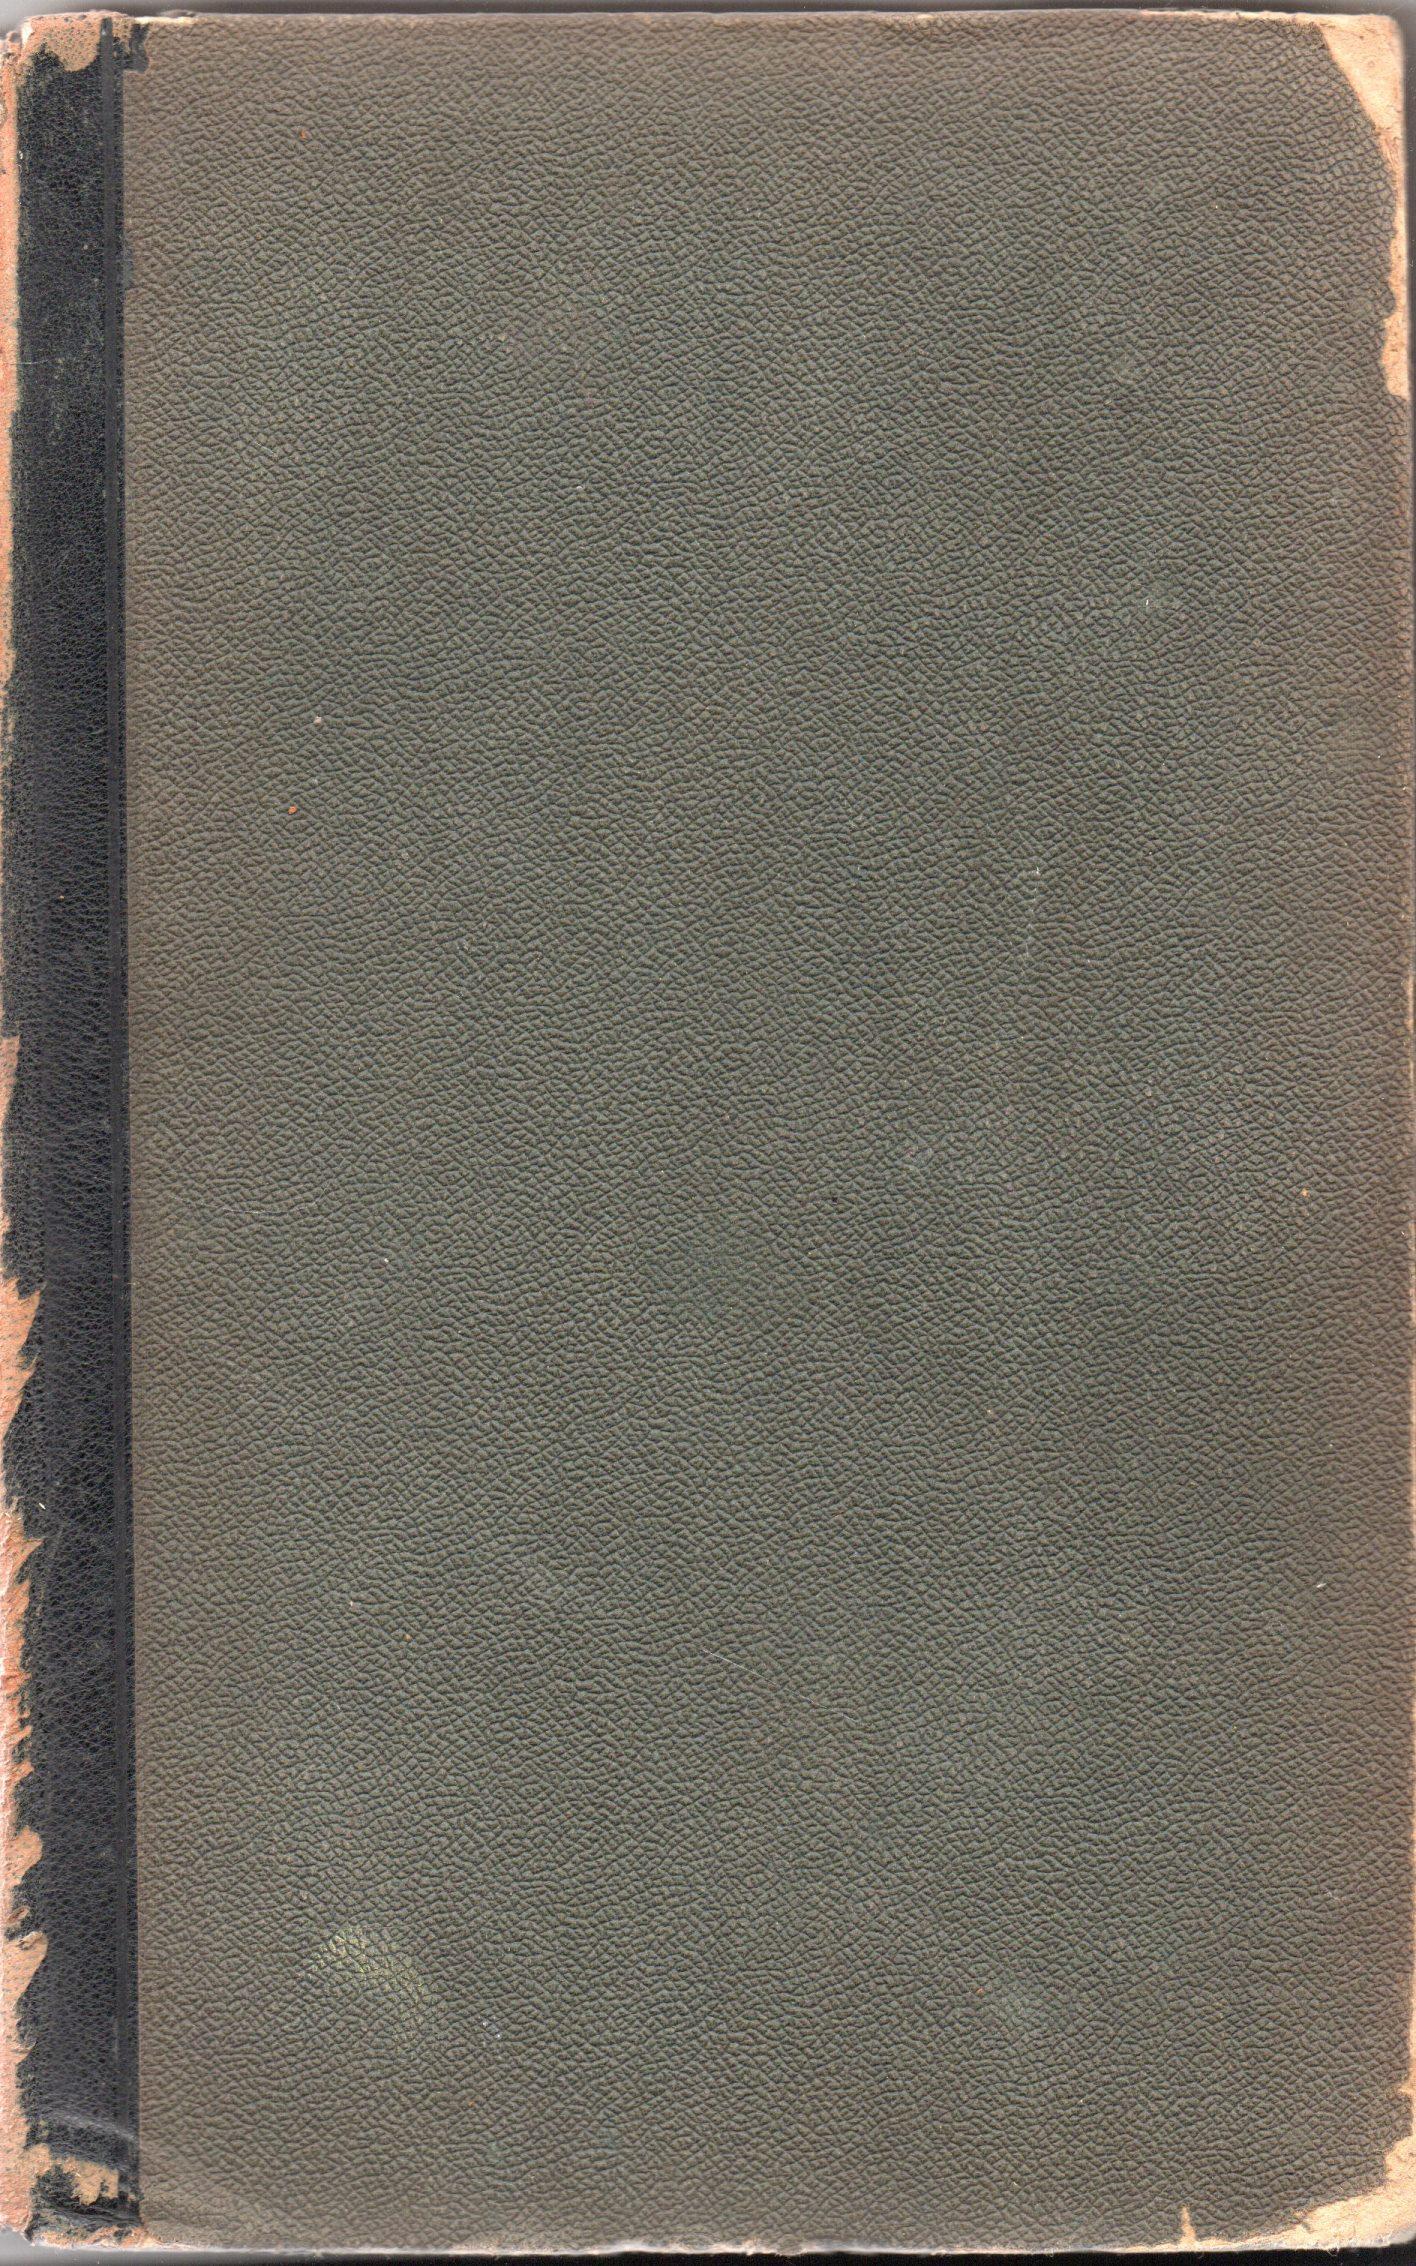 Енциклопедичний словник Брокгауза і Єфрона. Т. V А